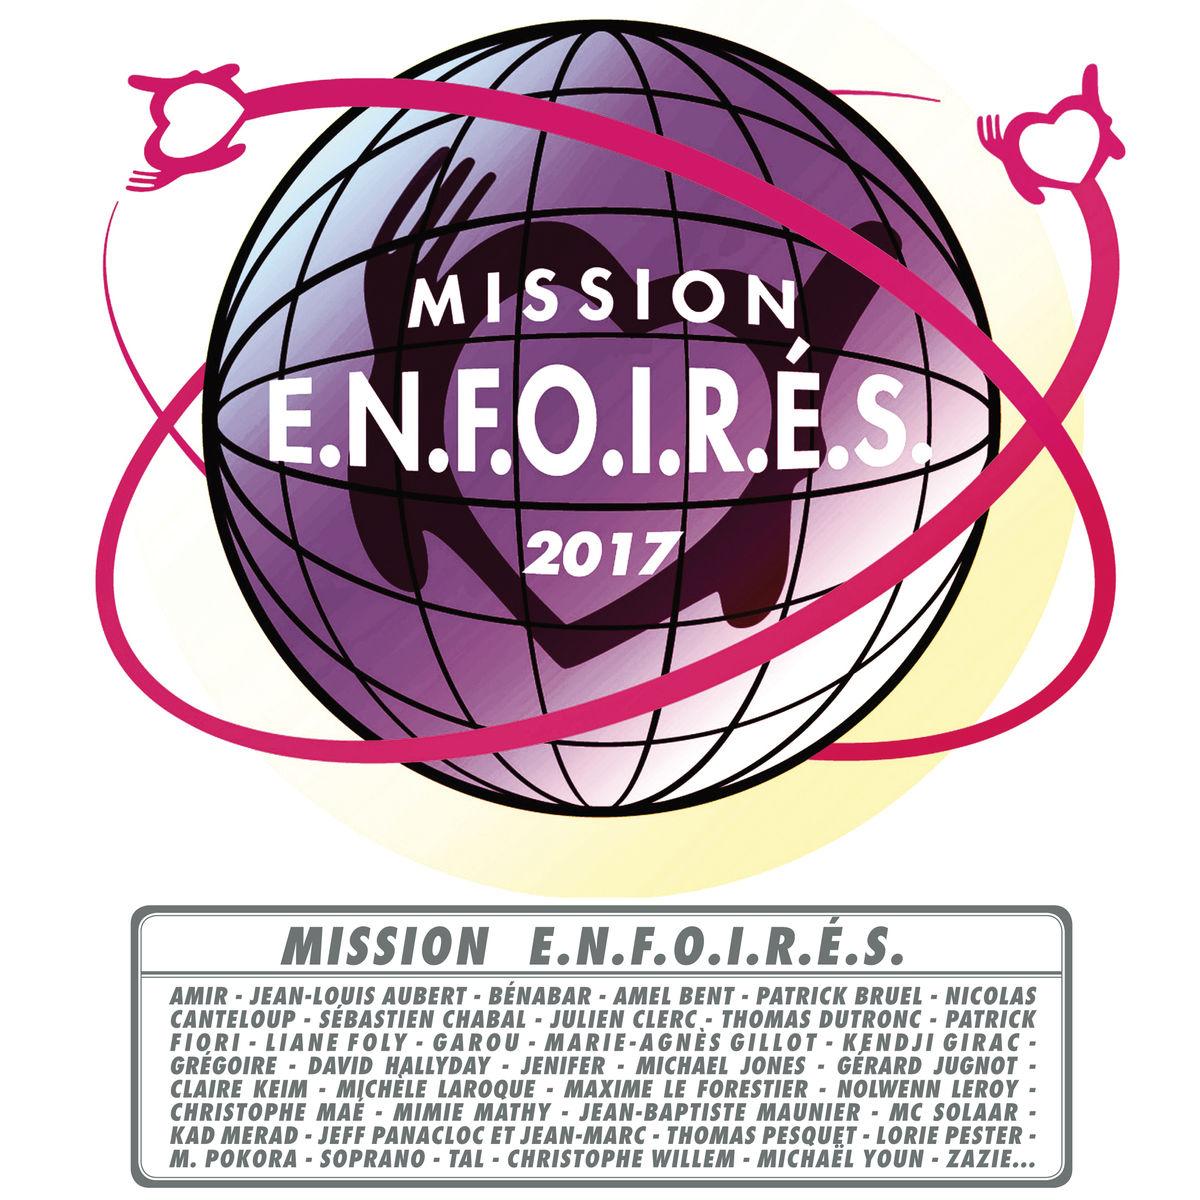 LES 2009 GRATUITEMENT ENFOIRES TÉLÉCHARGER DVDRIP